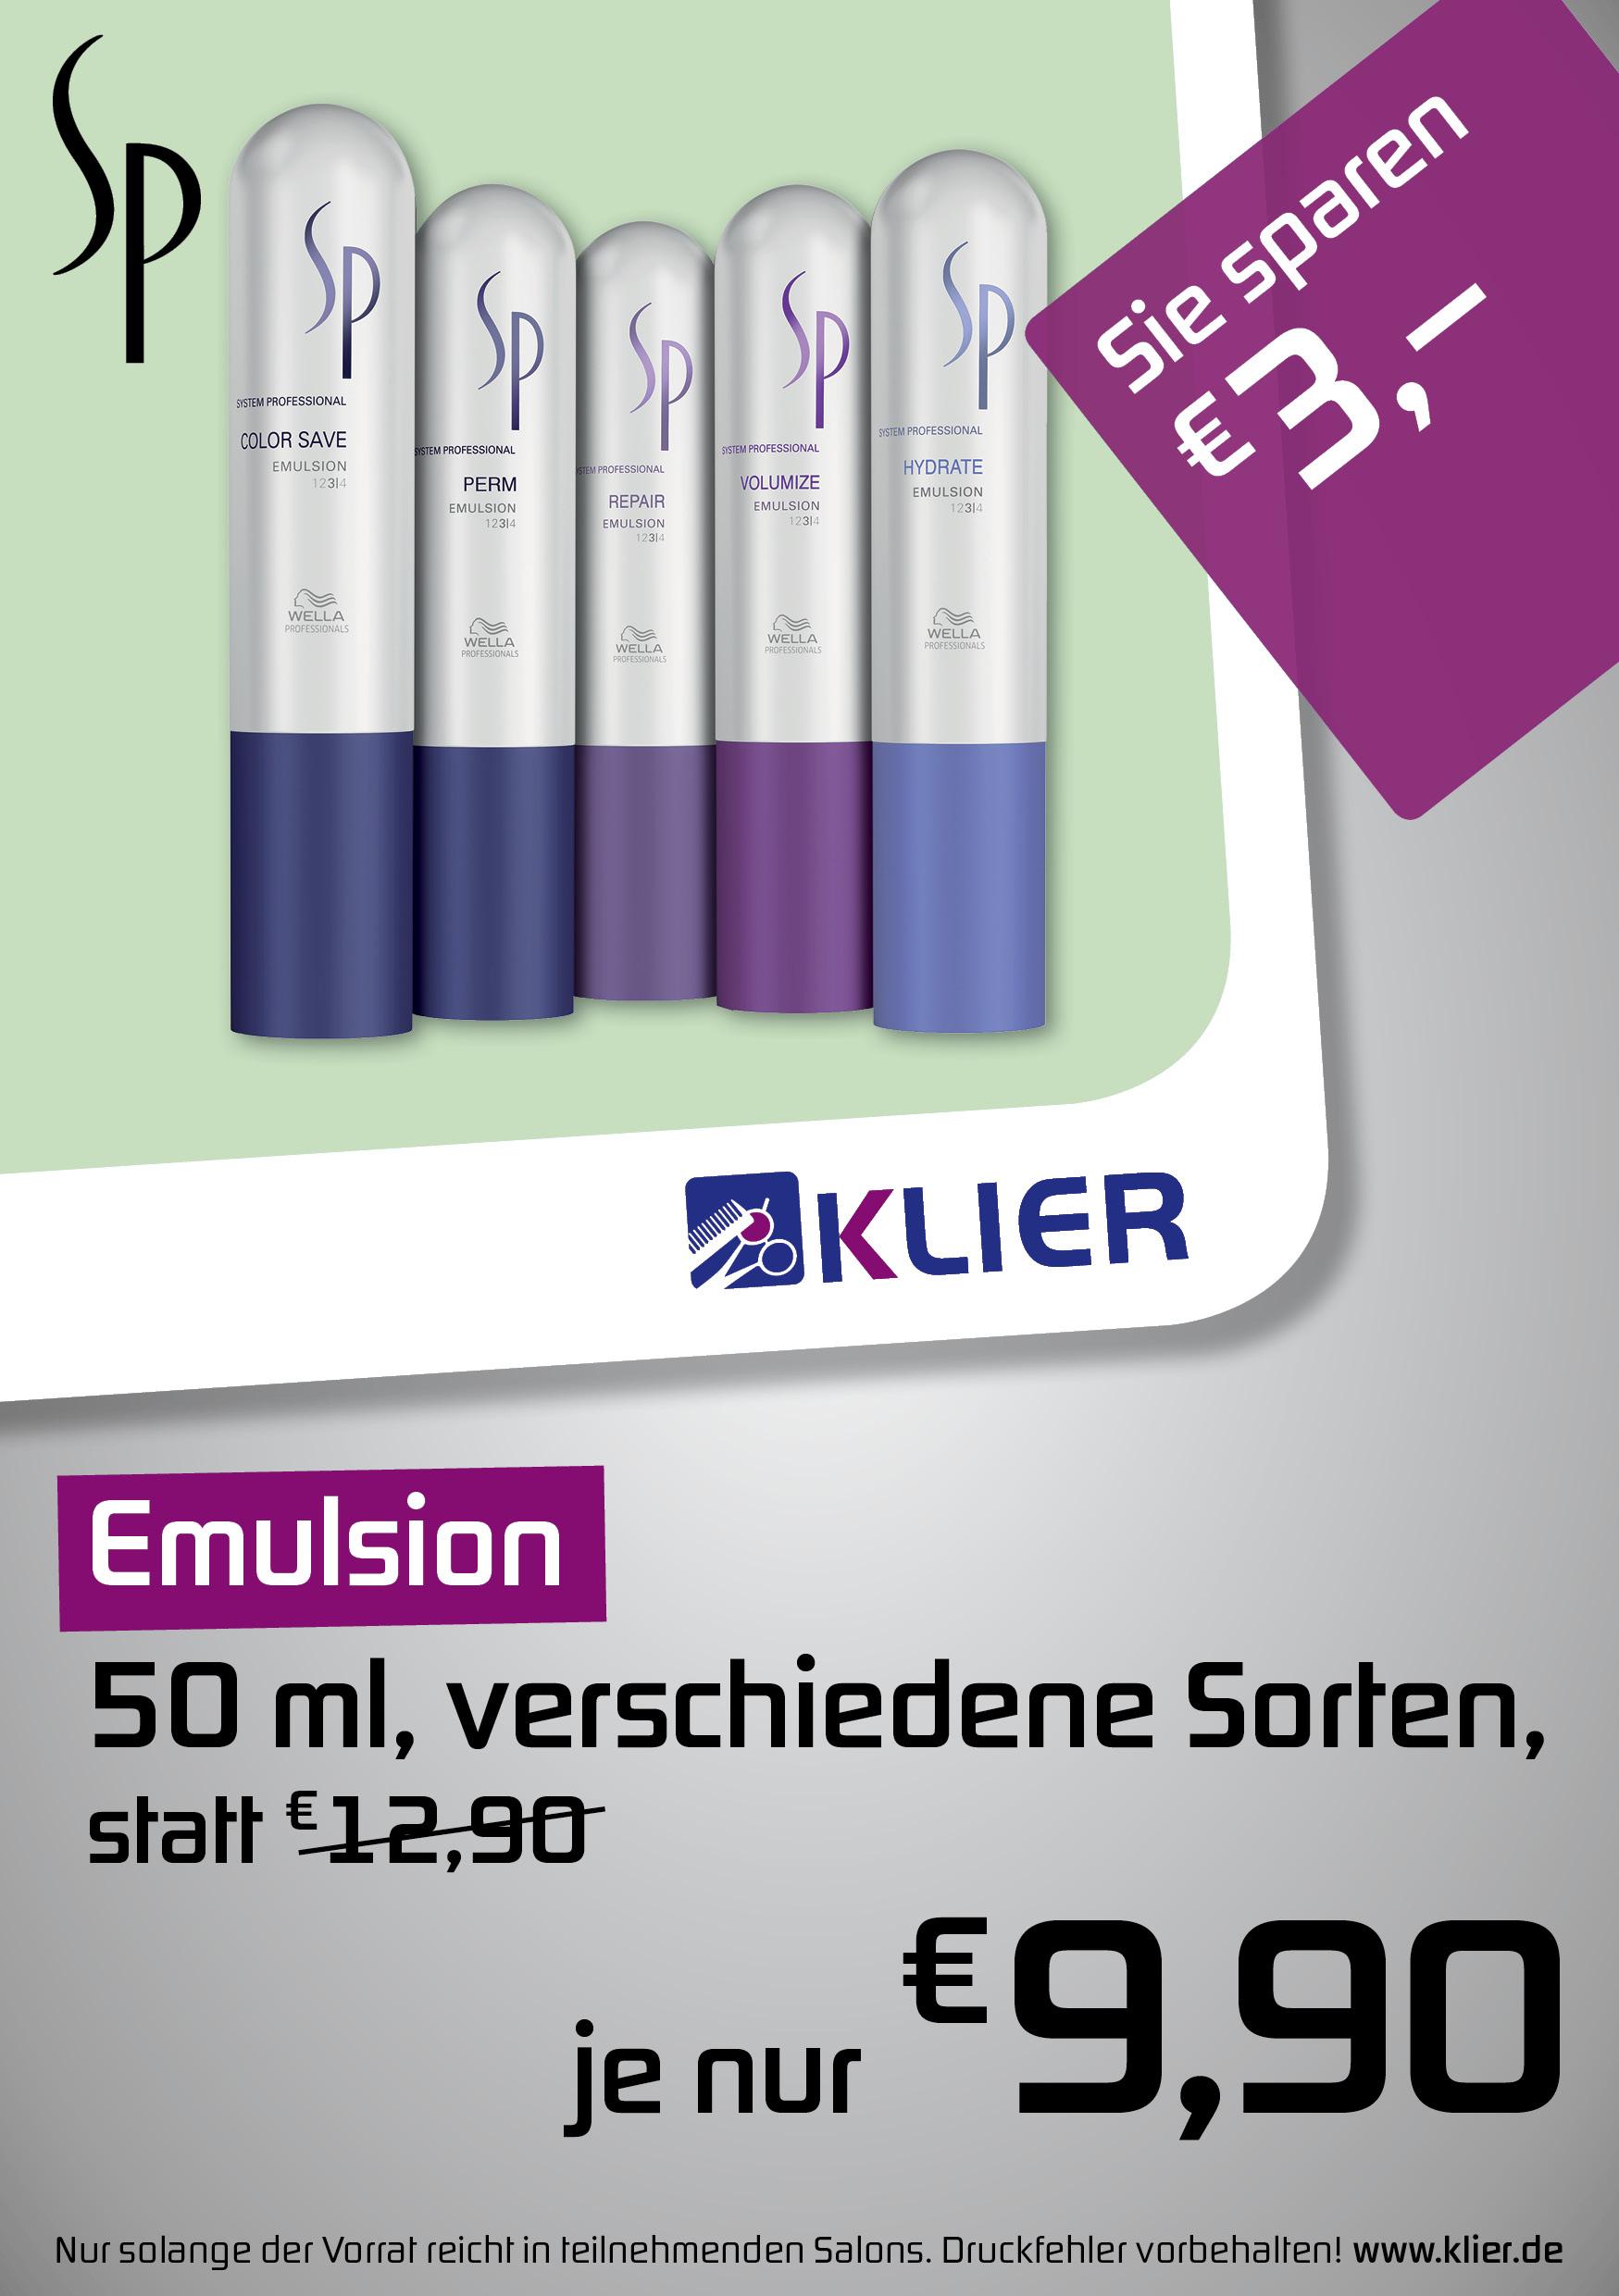 SP Emulsion Angebot